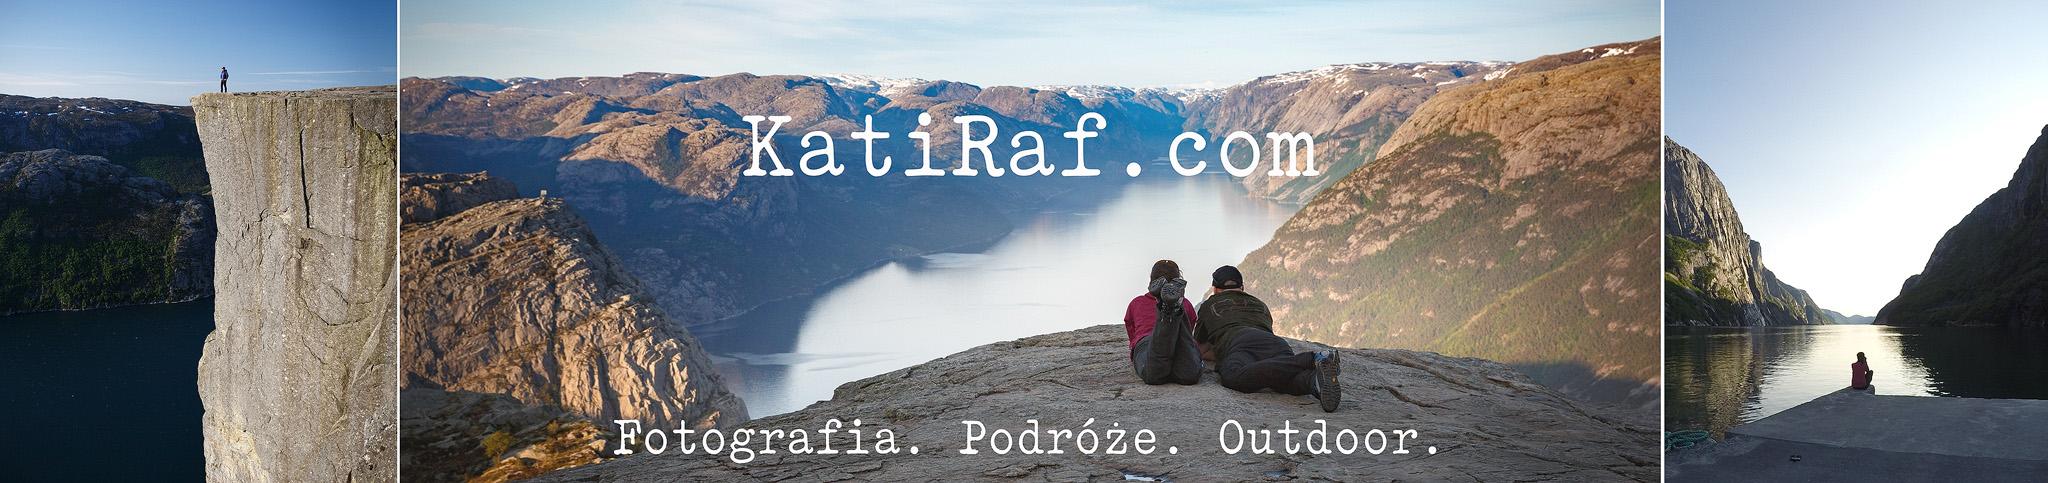 Kat i Raf.com